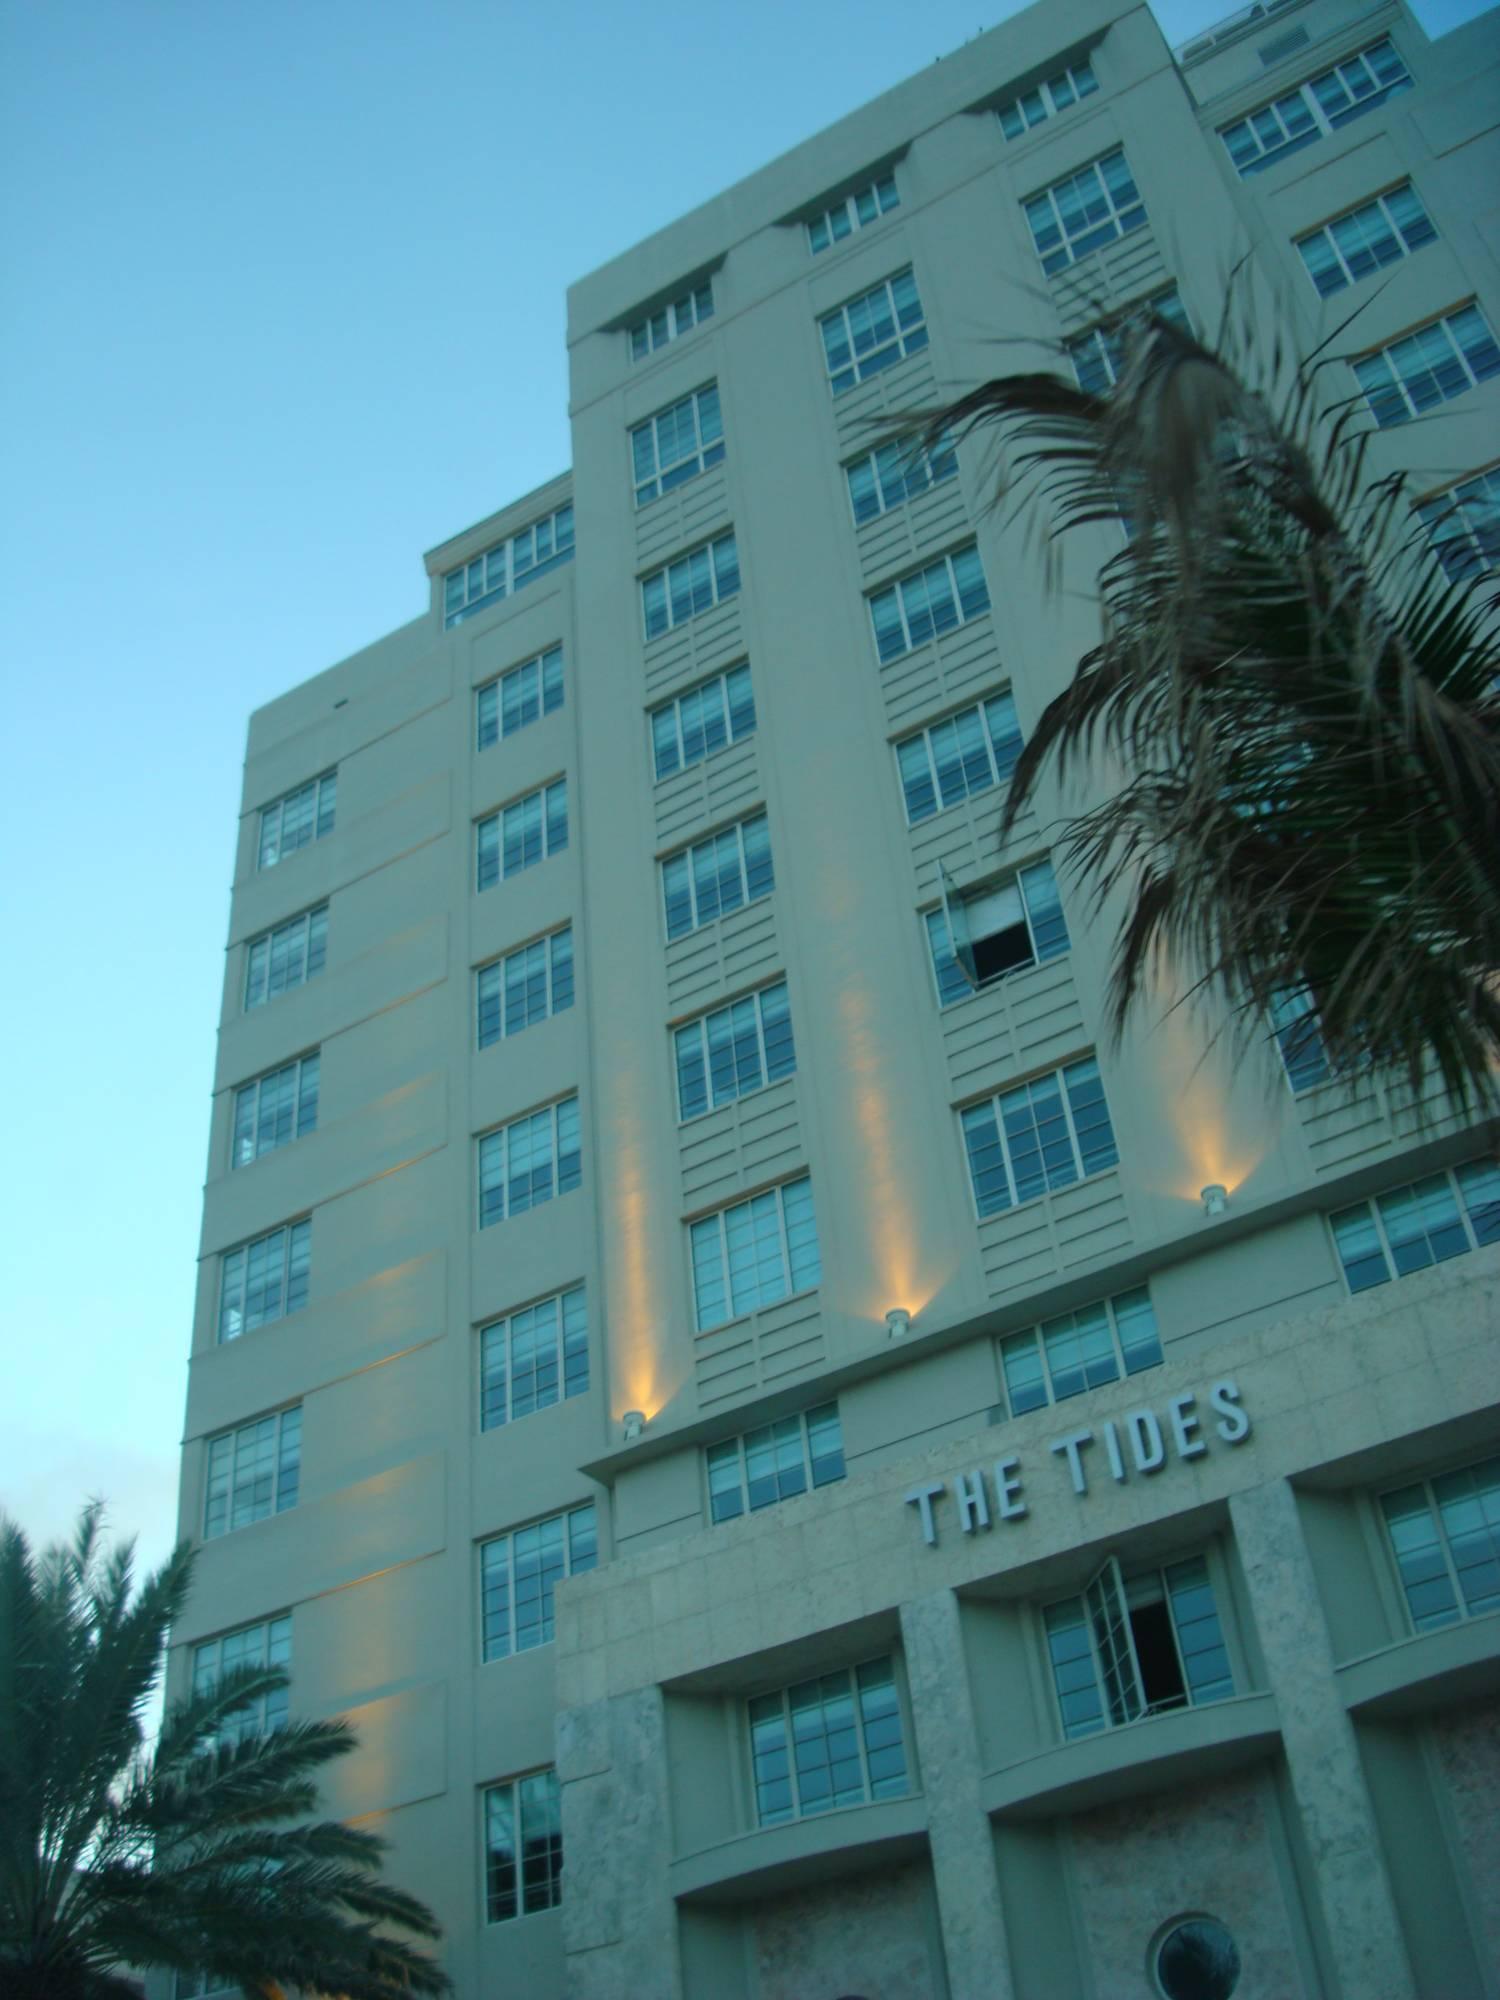 Explore Disney Cruise Line's Other Florida home Port - Miami, Florida | PassPorter.com